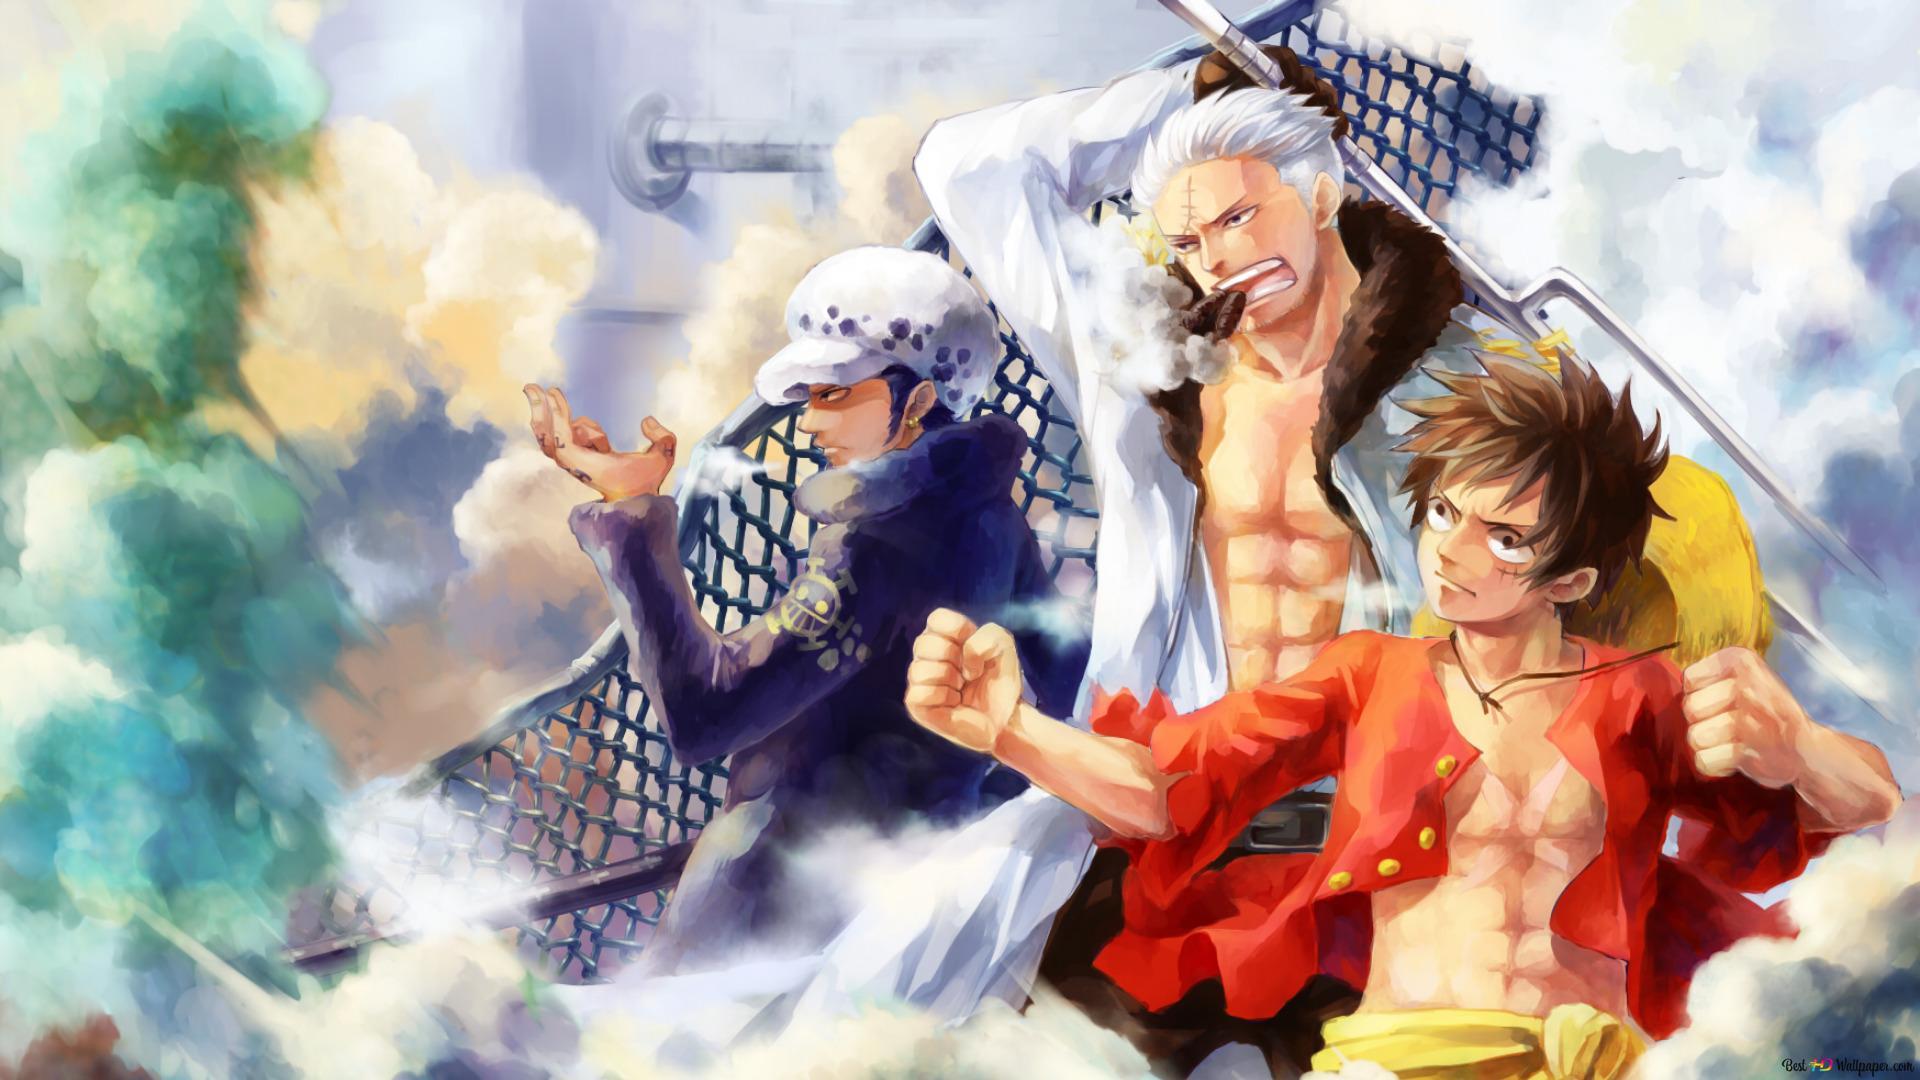 One Piece Trafalgar D Water Law Smoker Monkey D Luffy Hd Wallpaper Download